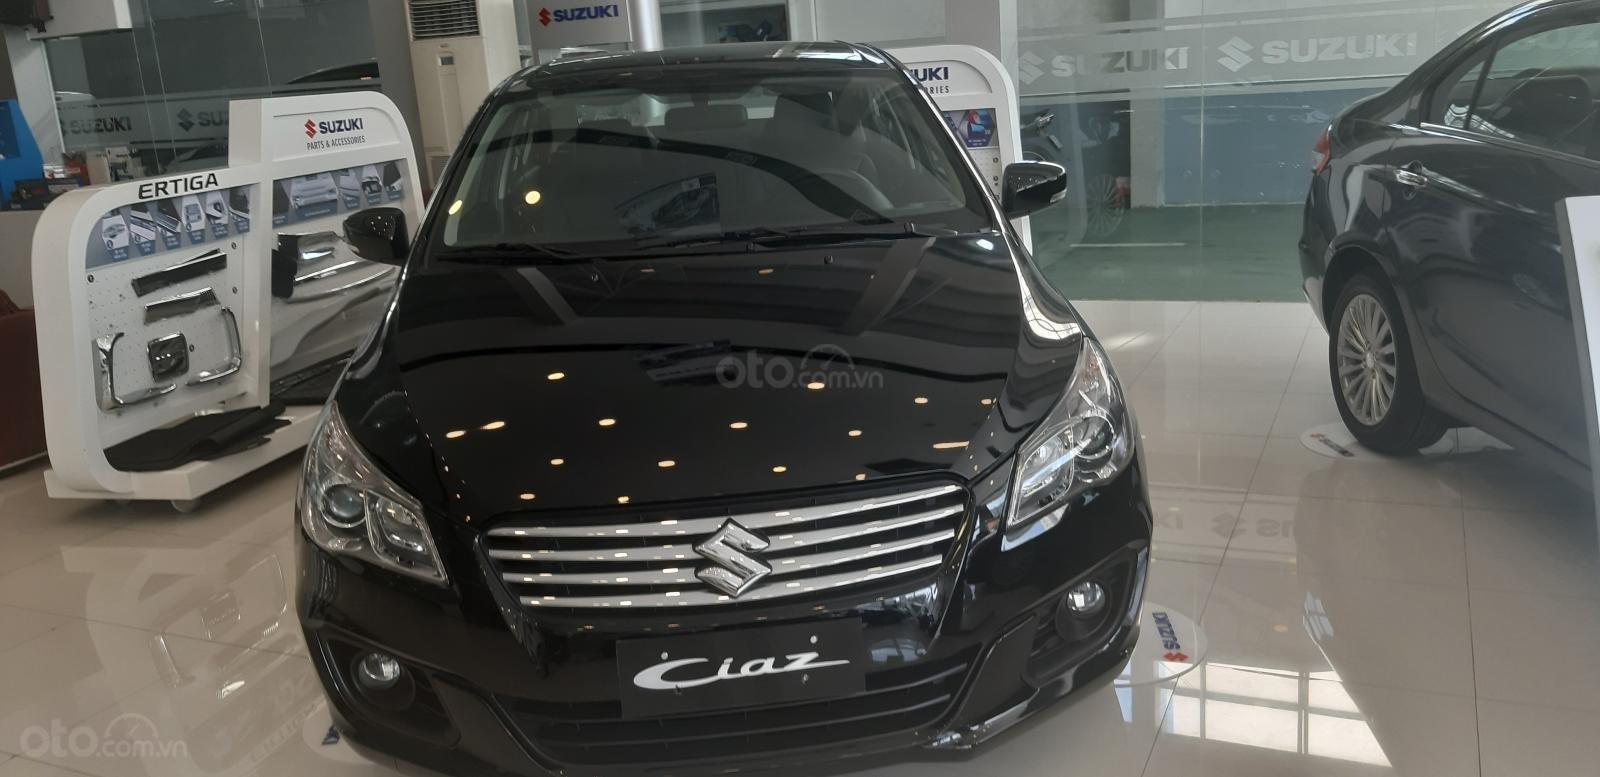 Suzuki Ciaz 2019 hỗ trợ trả góp 100% giá trị xe, chỉ trả chi phí đăng kí xe (5)